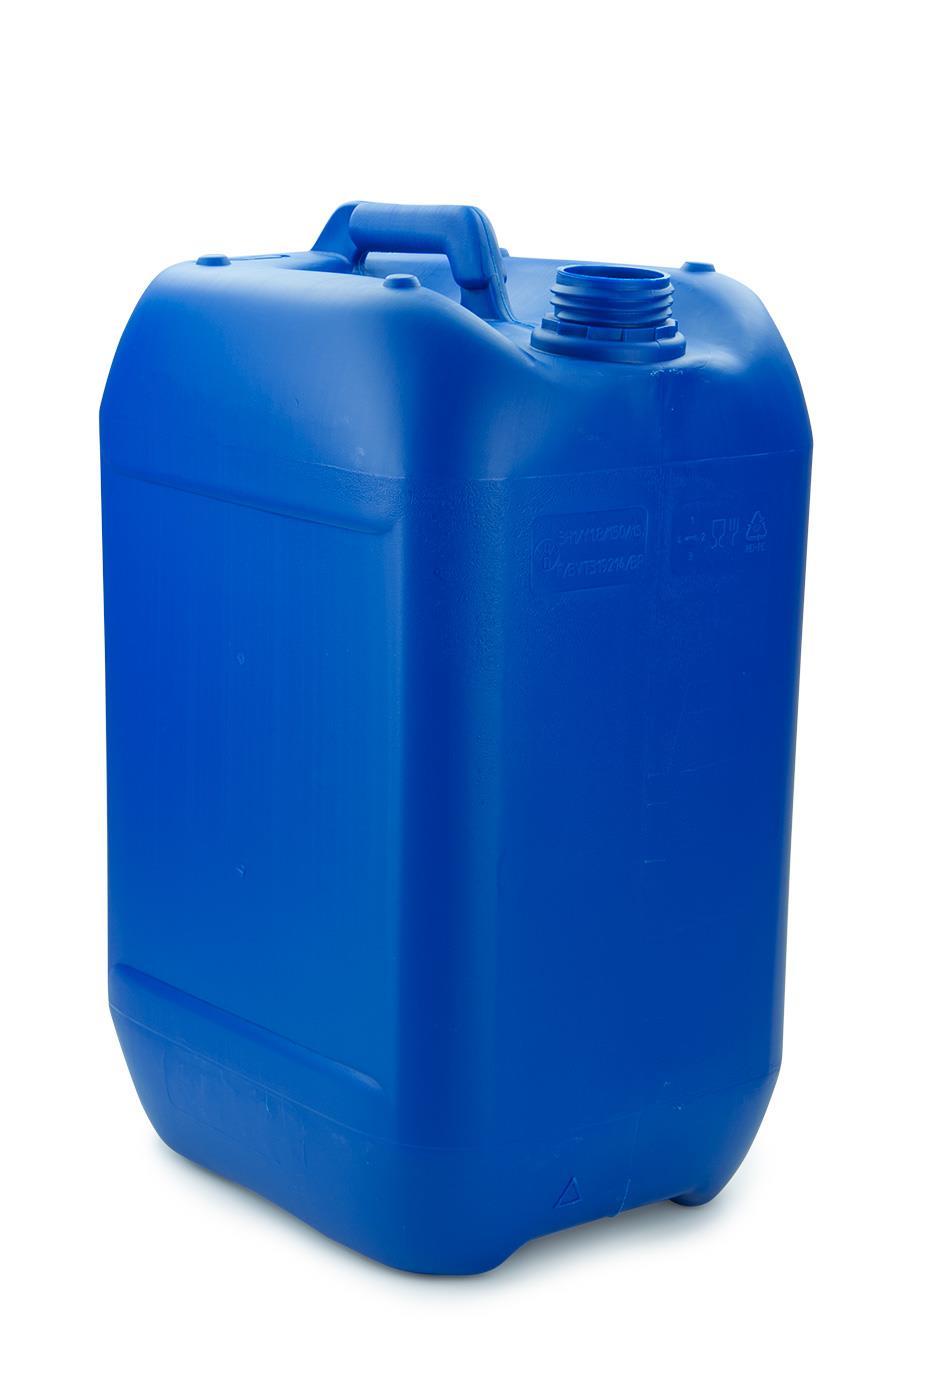 kunststoff kanister blau 25 liter un stapelbar ohne. Black Bedroom Furniture Sets. Home Design Ideas